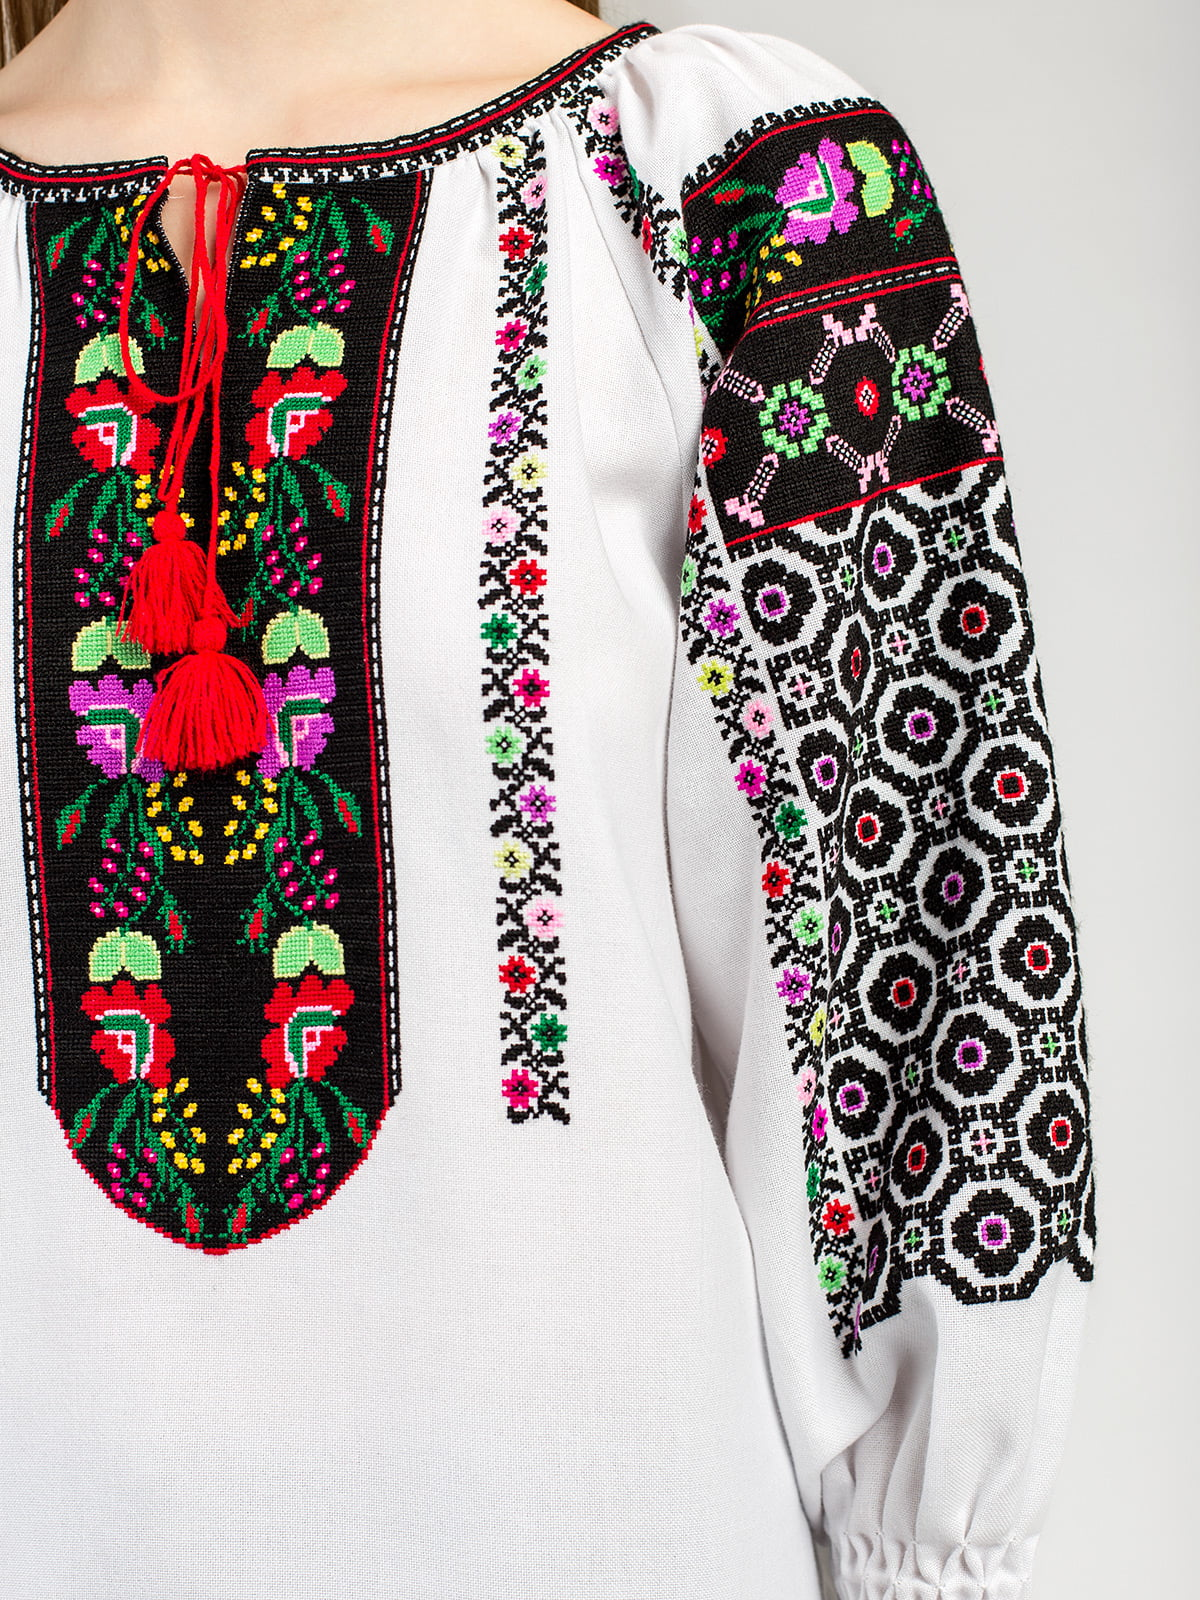 Борщевская женская вышиванка ручной работы Аб2 Фото 5